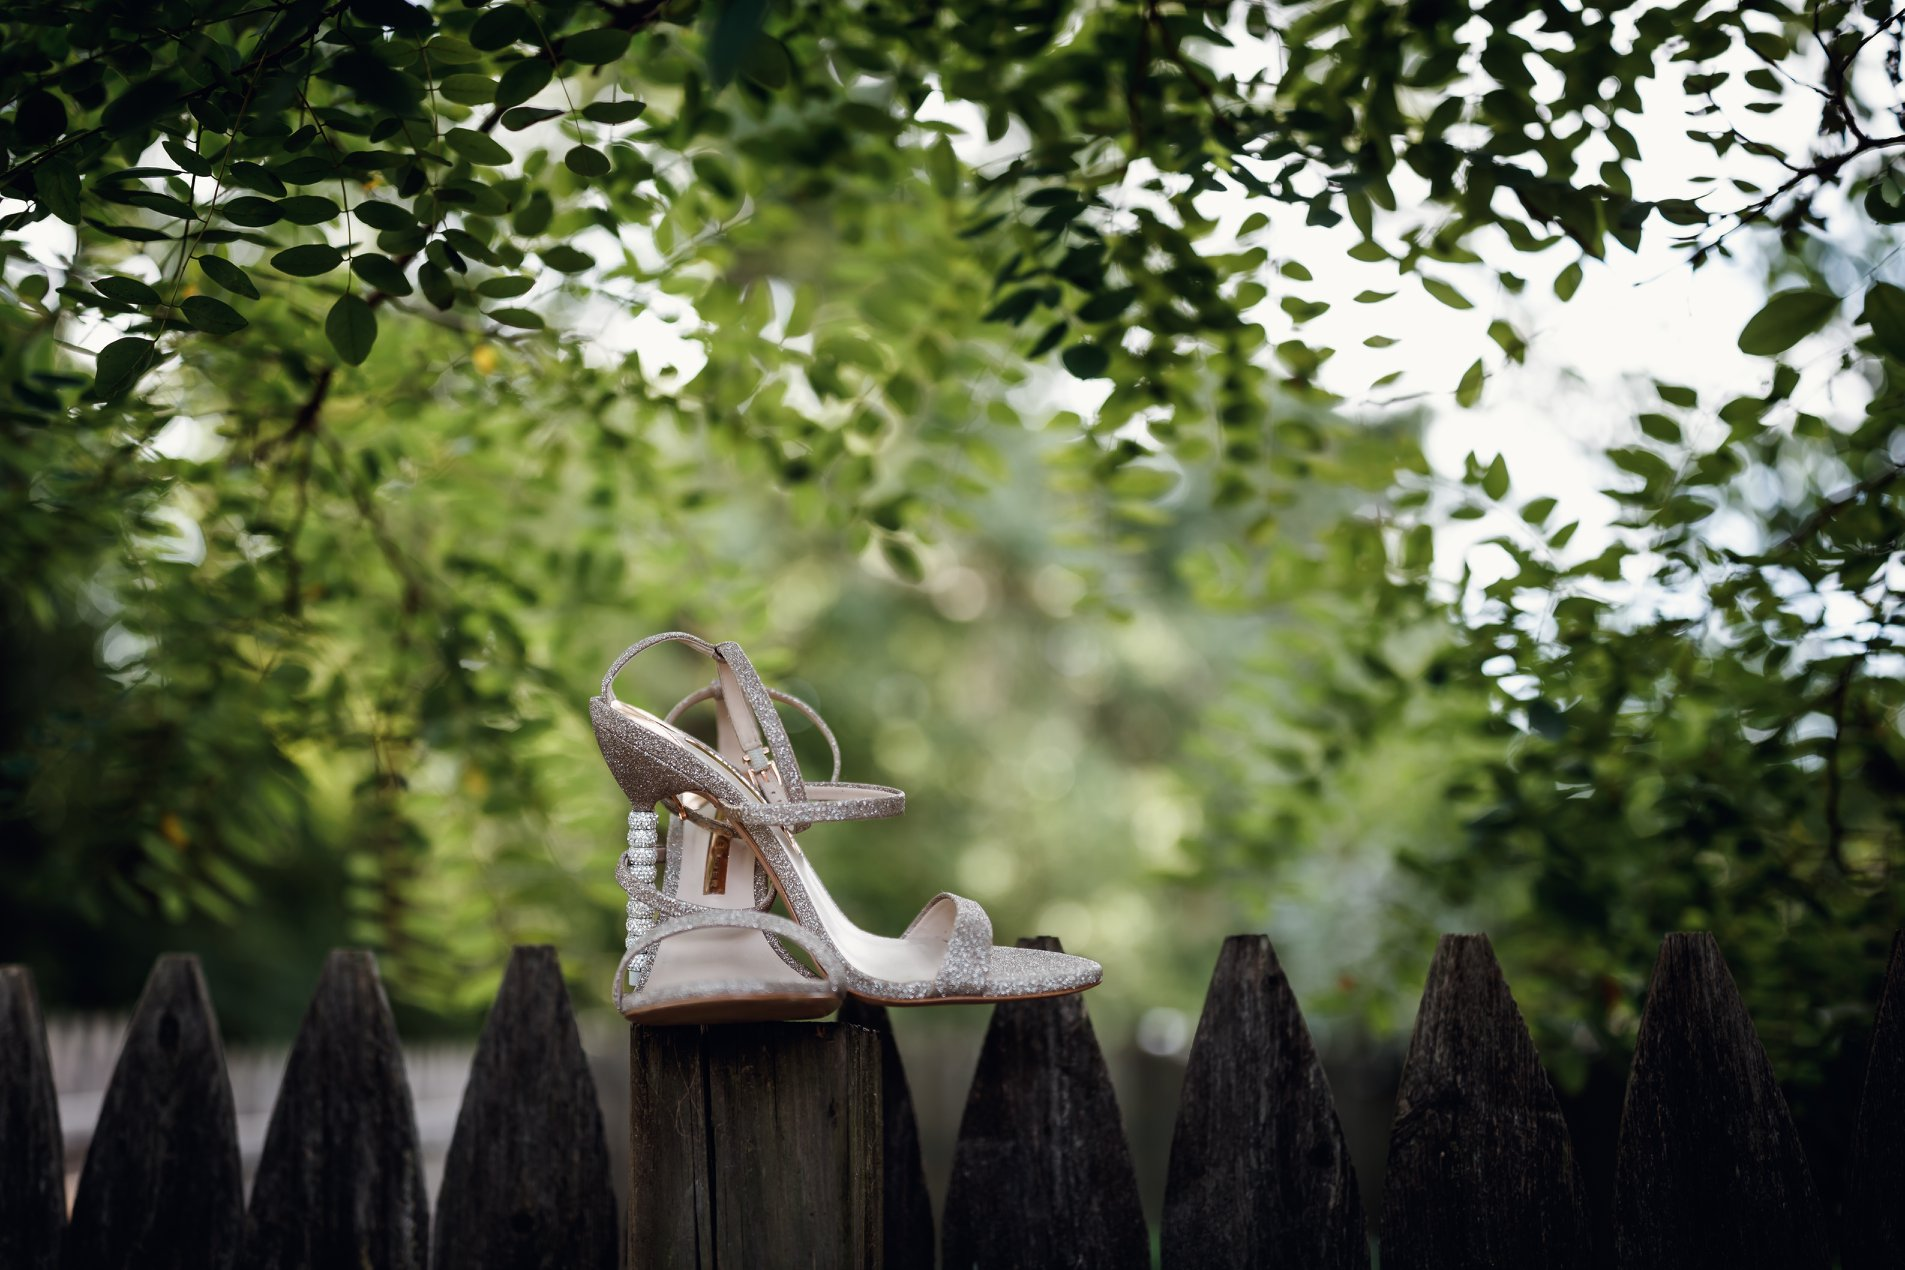 zajac photography wedding 3